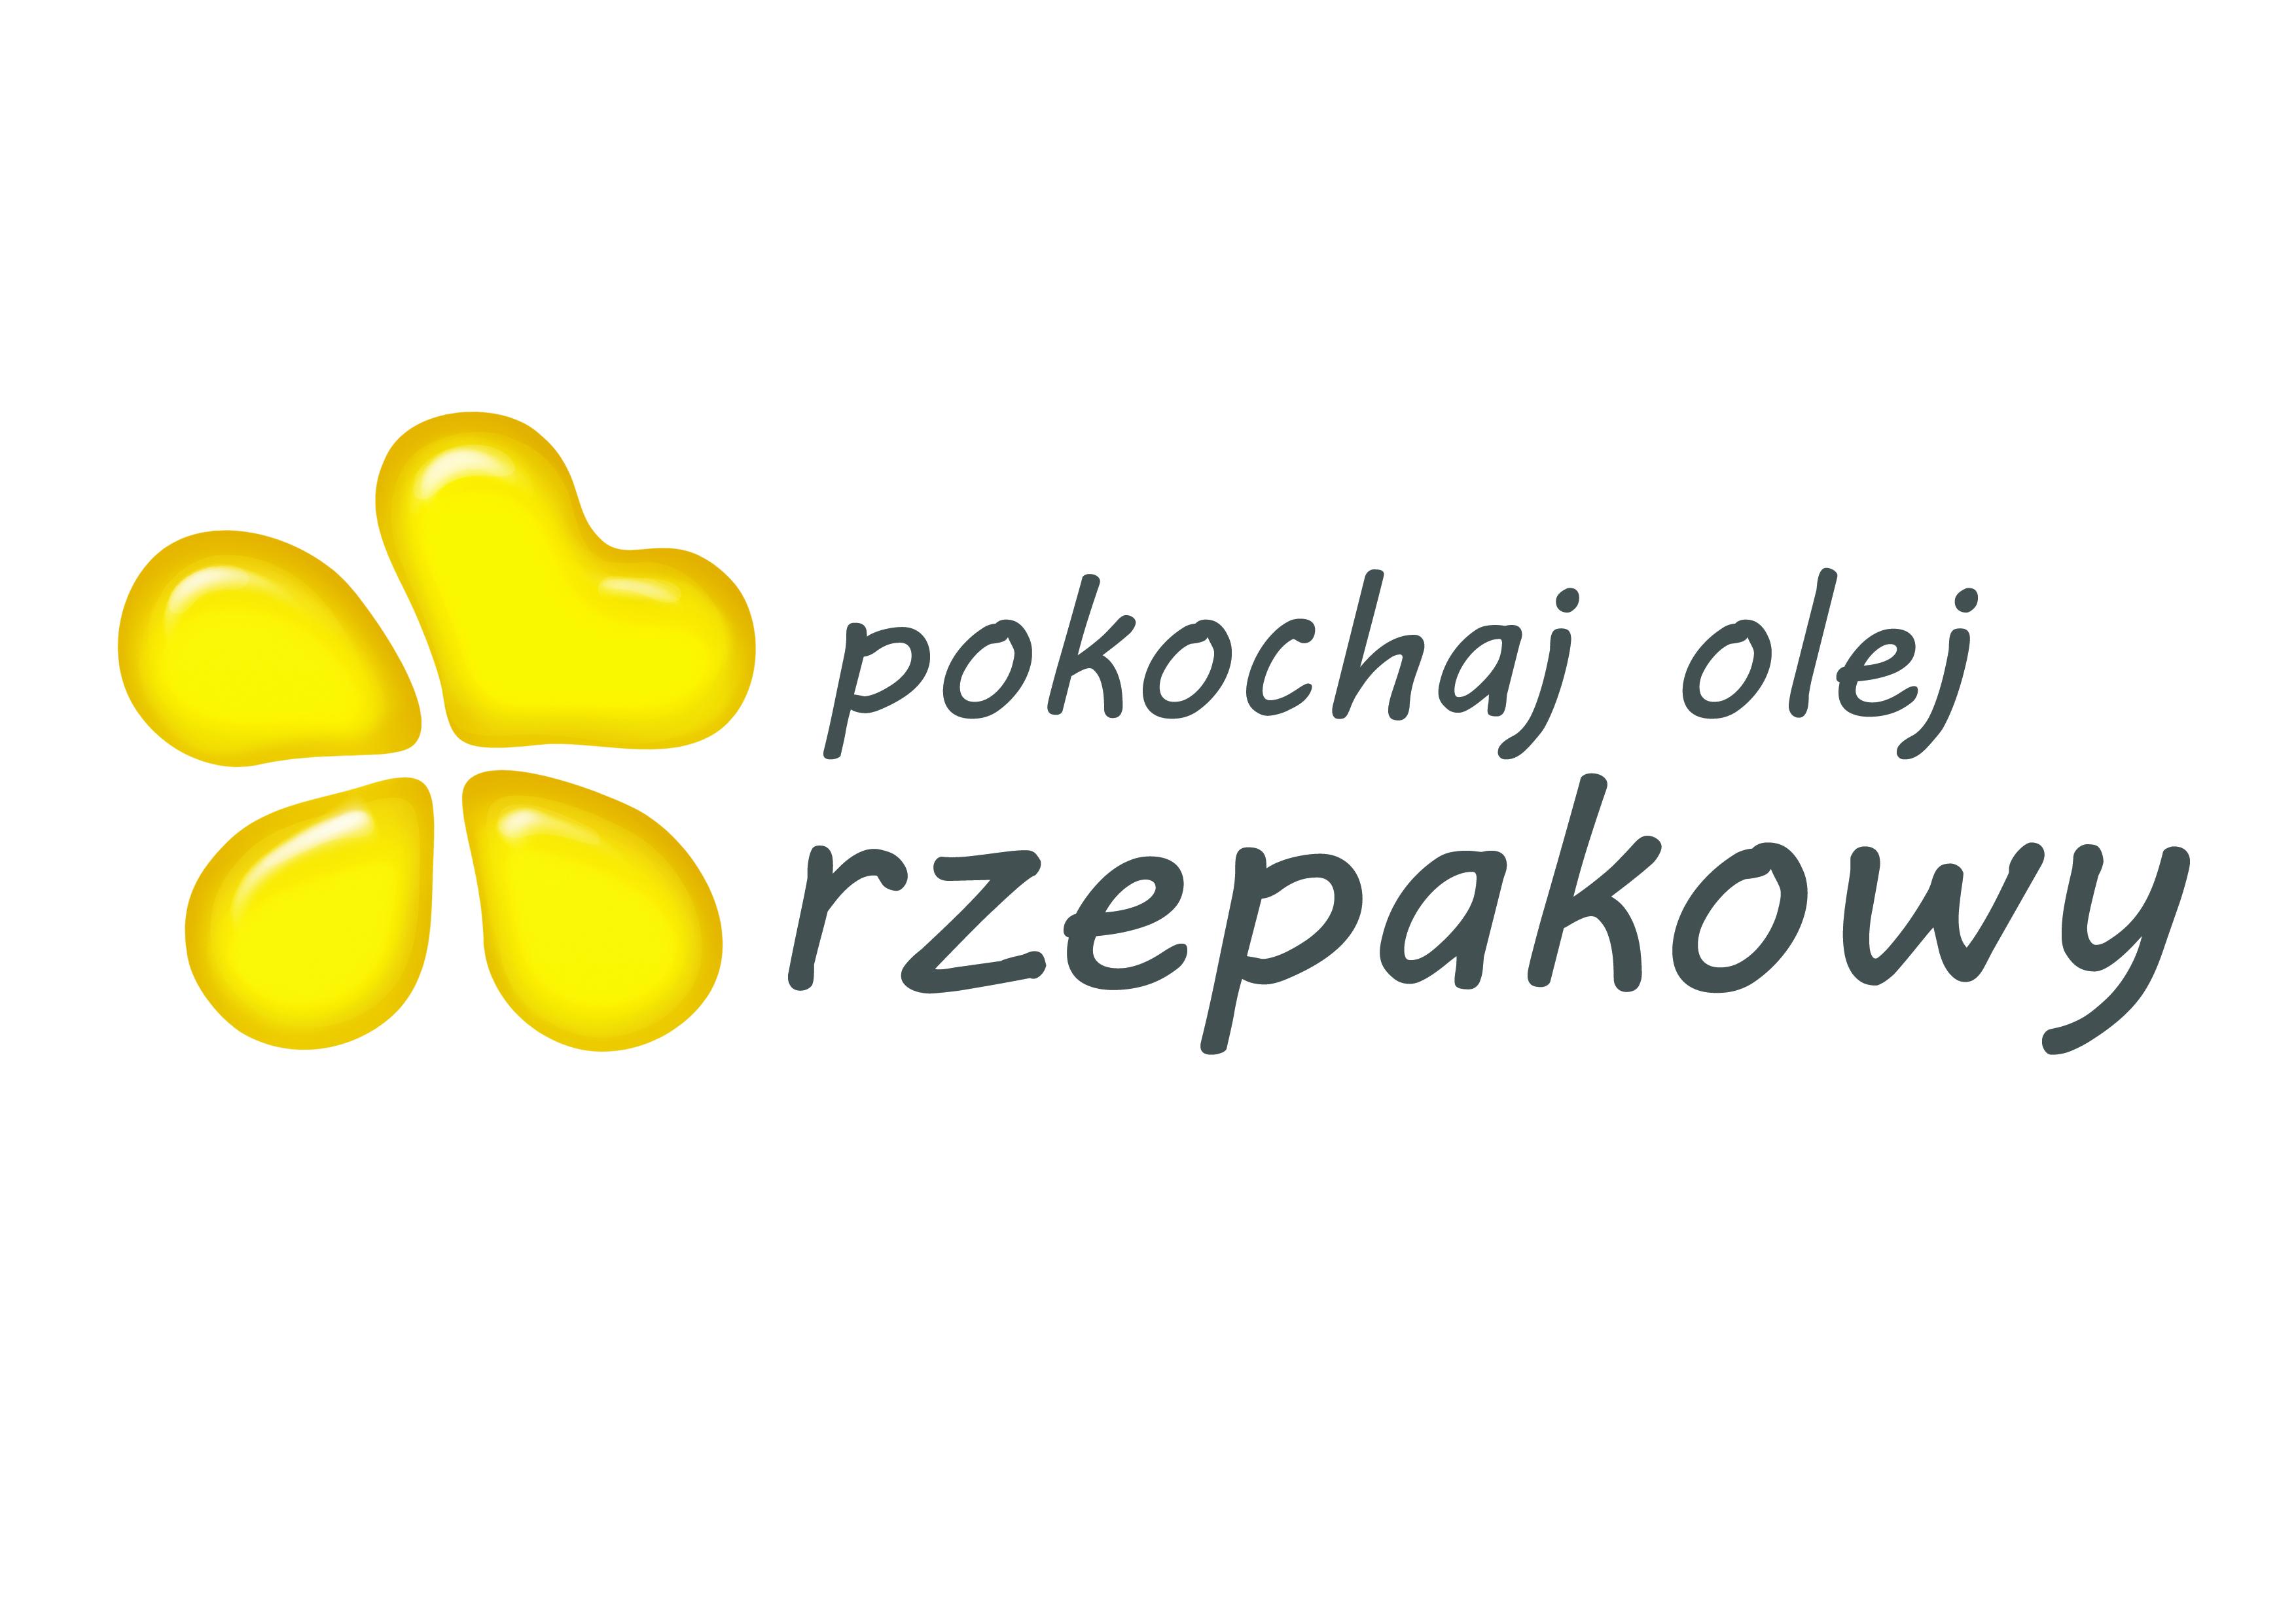 http://pokochajolejrzepakowy.eu/resources/logo-pokochaj-olej-rzepakowy.jpg